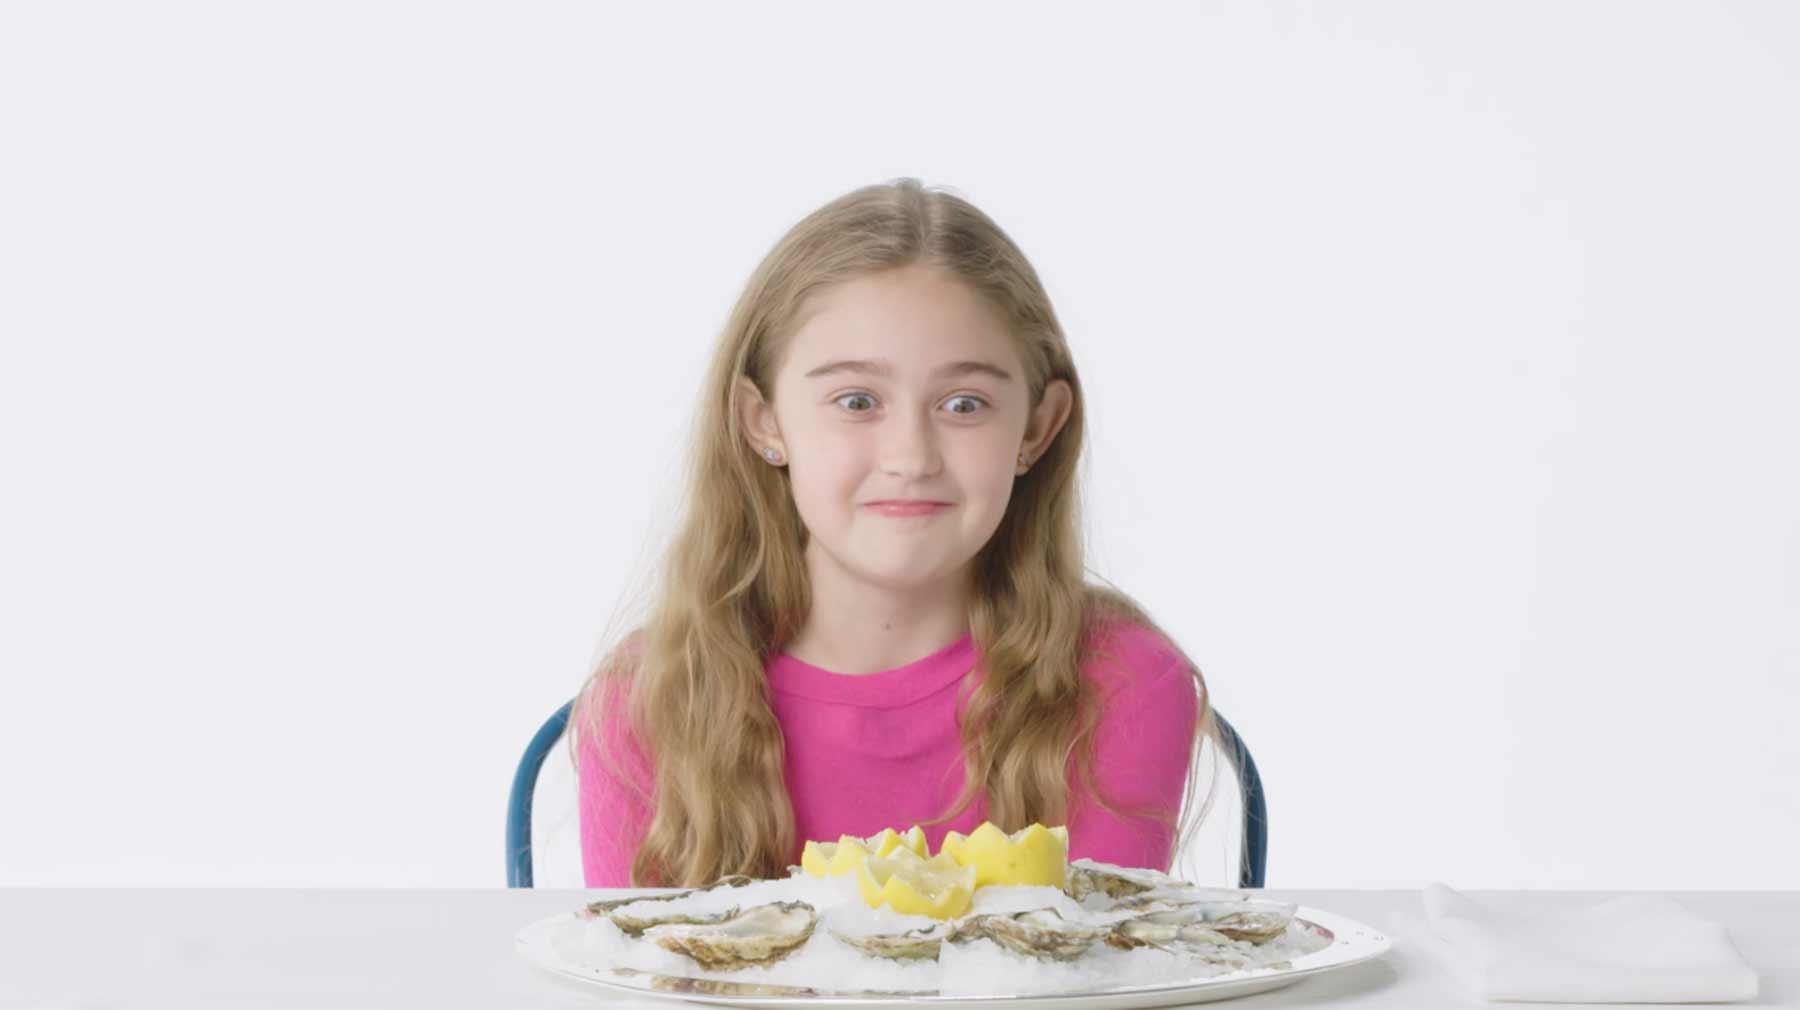 Kinder kritisieren die teuersten Essen des letzten Jahrhunderts